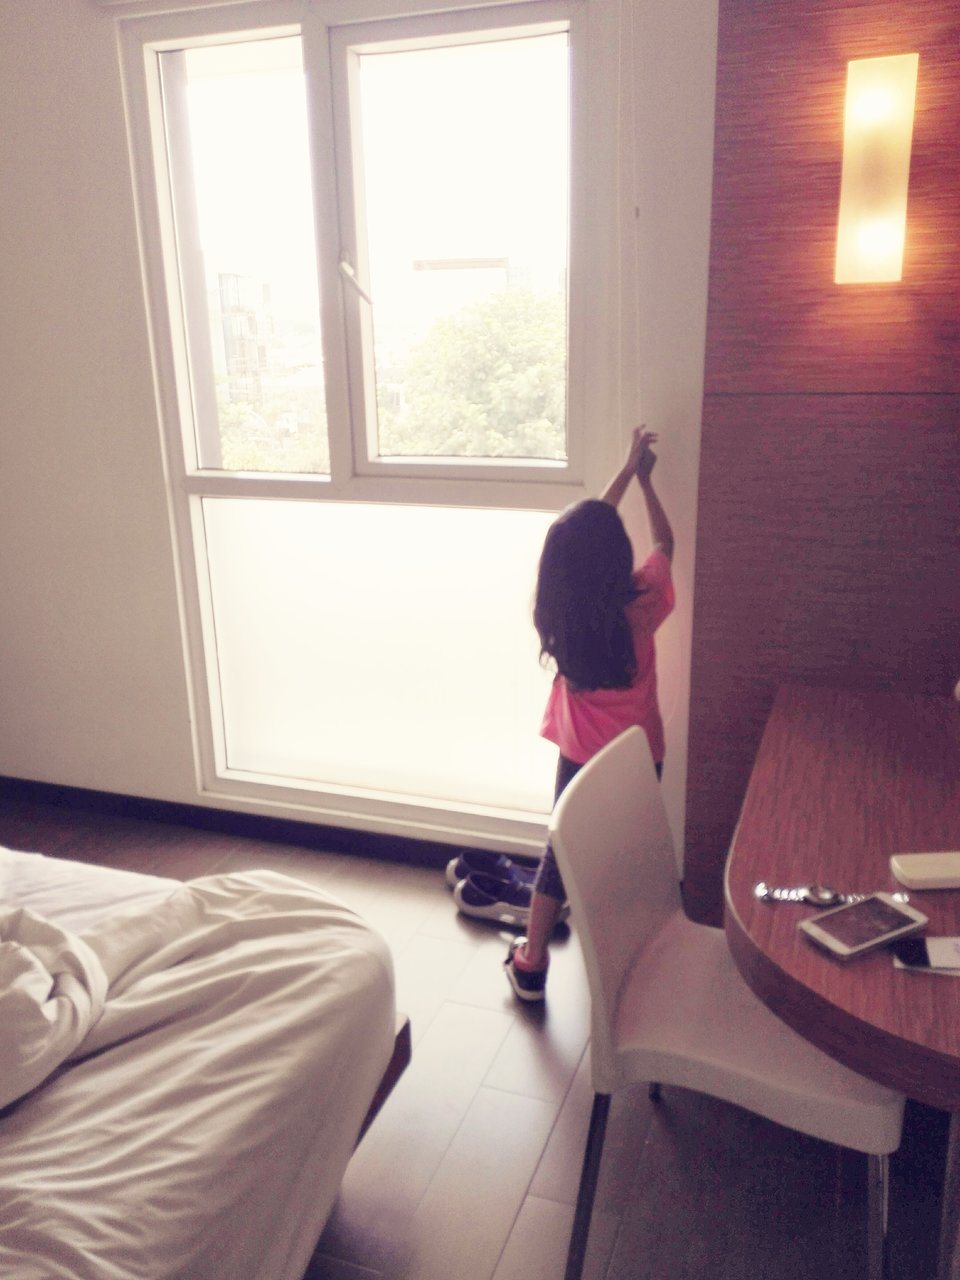 amaris hotel embong malang surabaya see 39 reviews price rh tripadvisor com sg